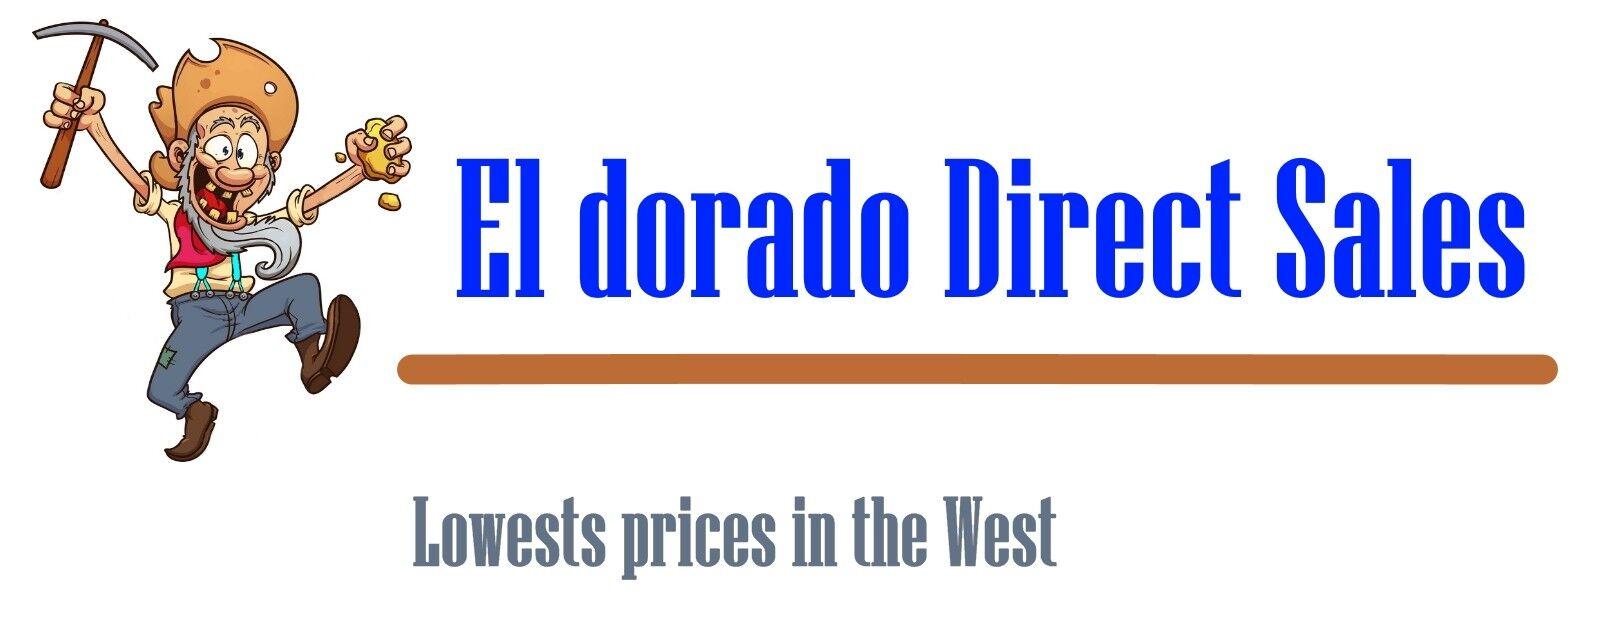 El Dorado Direct Sales